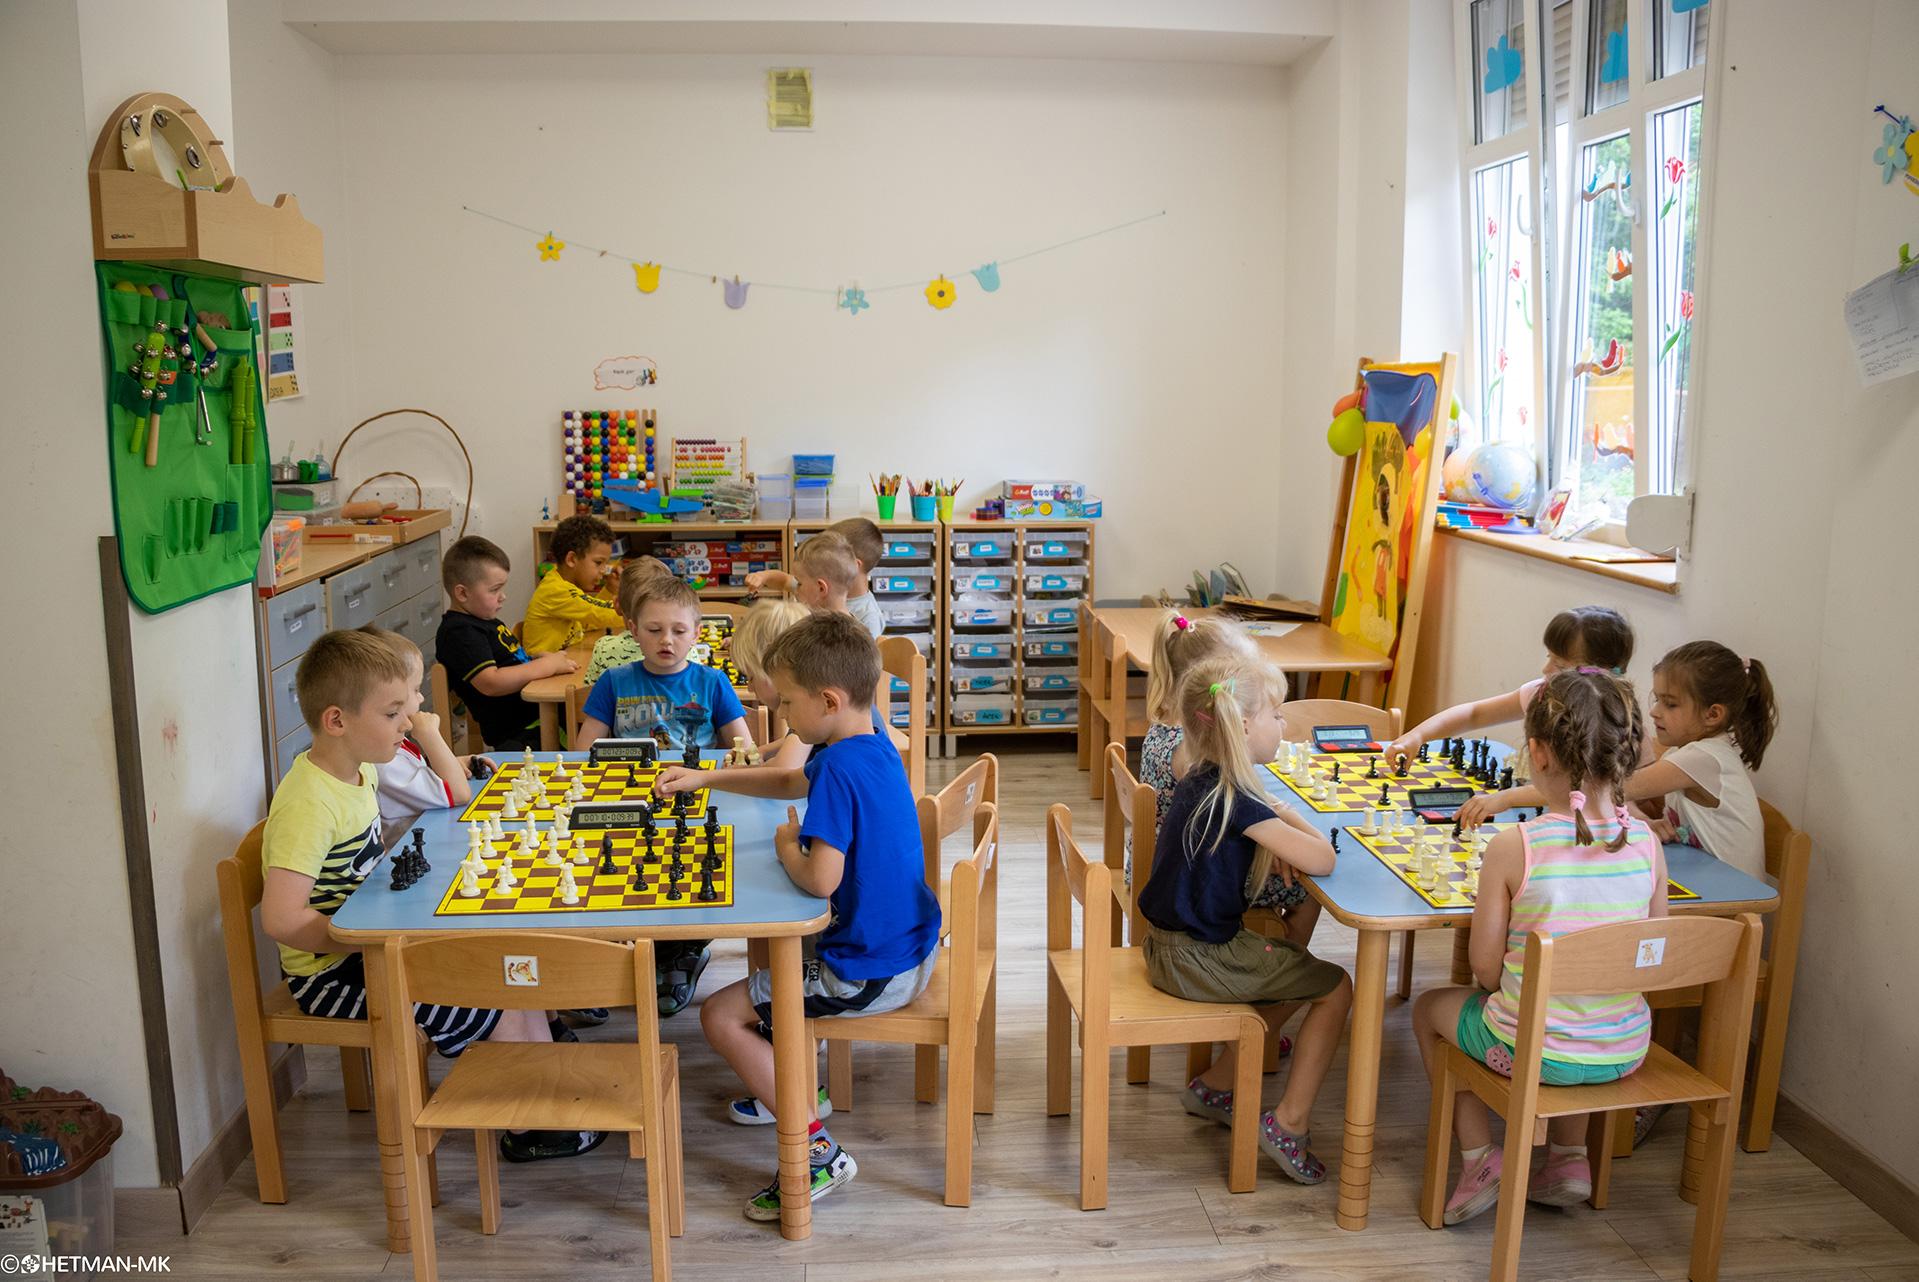 V Szachowe Mistrzostwa Przedszkola Abracadabra Podchorążych, Świdnica, 10.06.2019